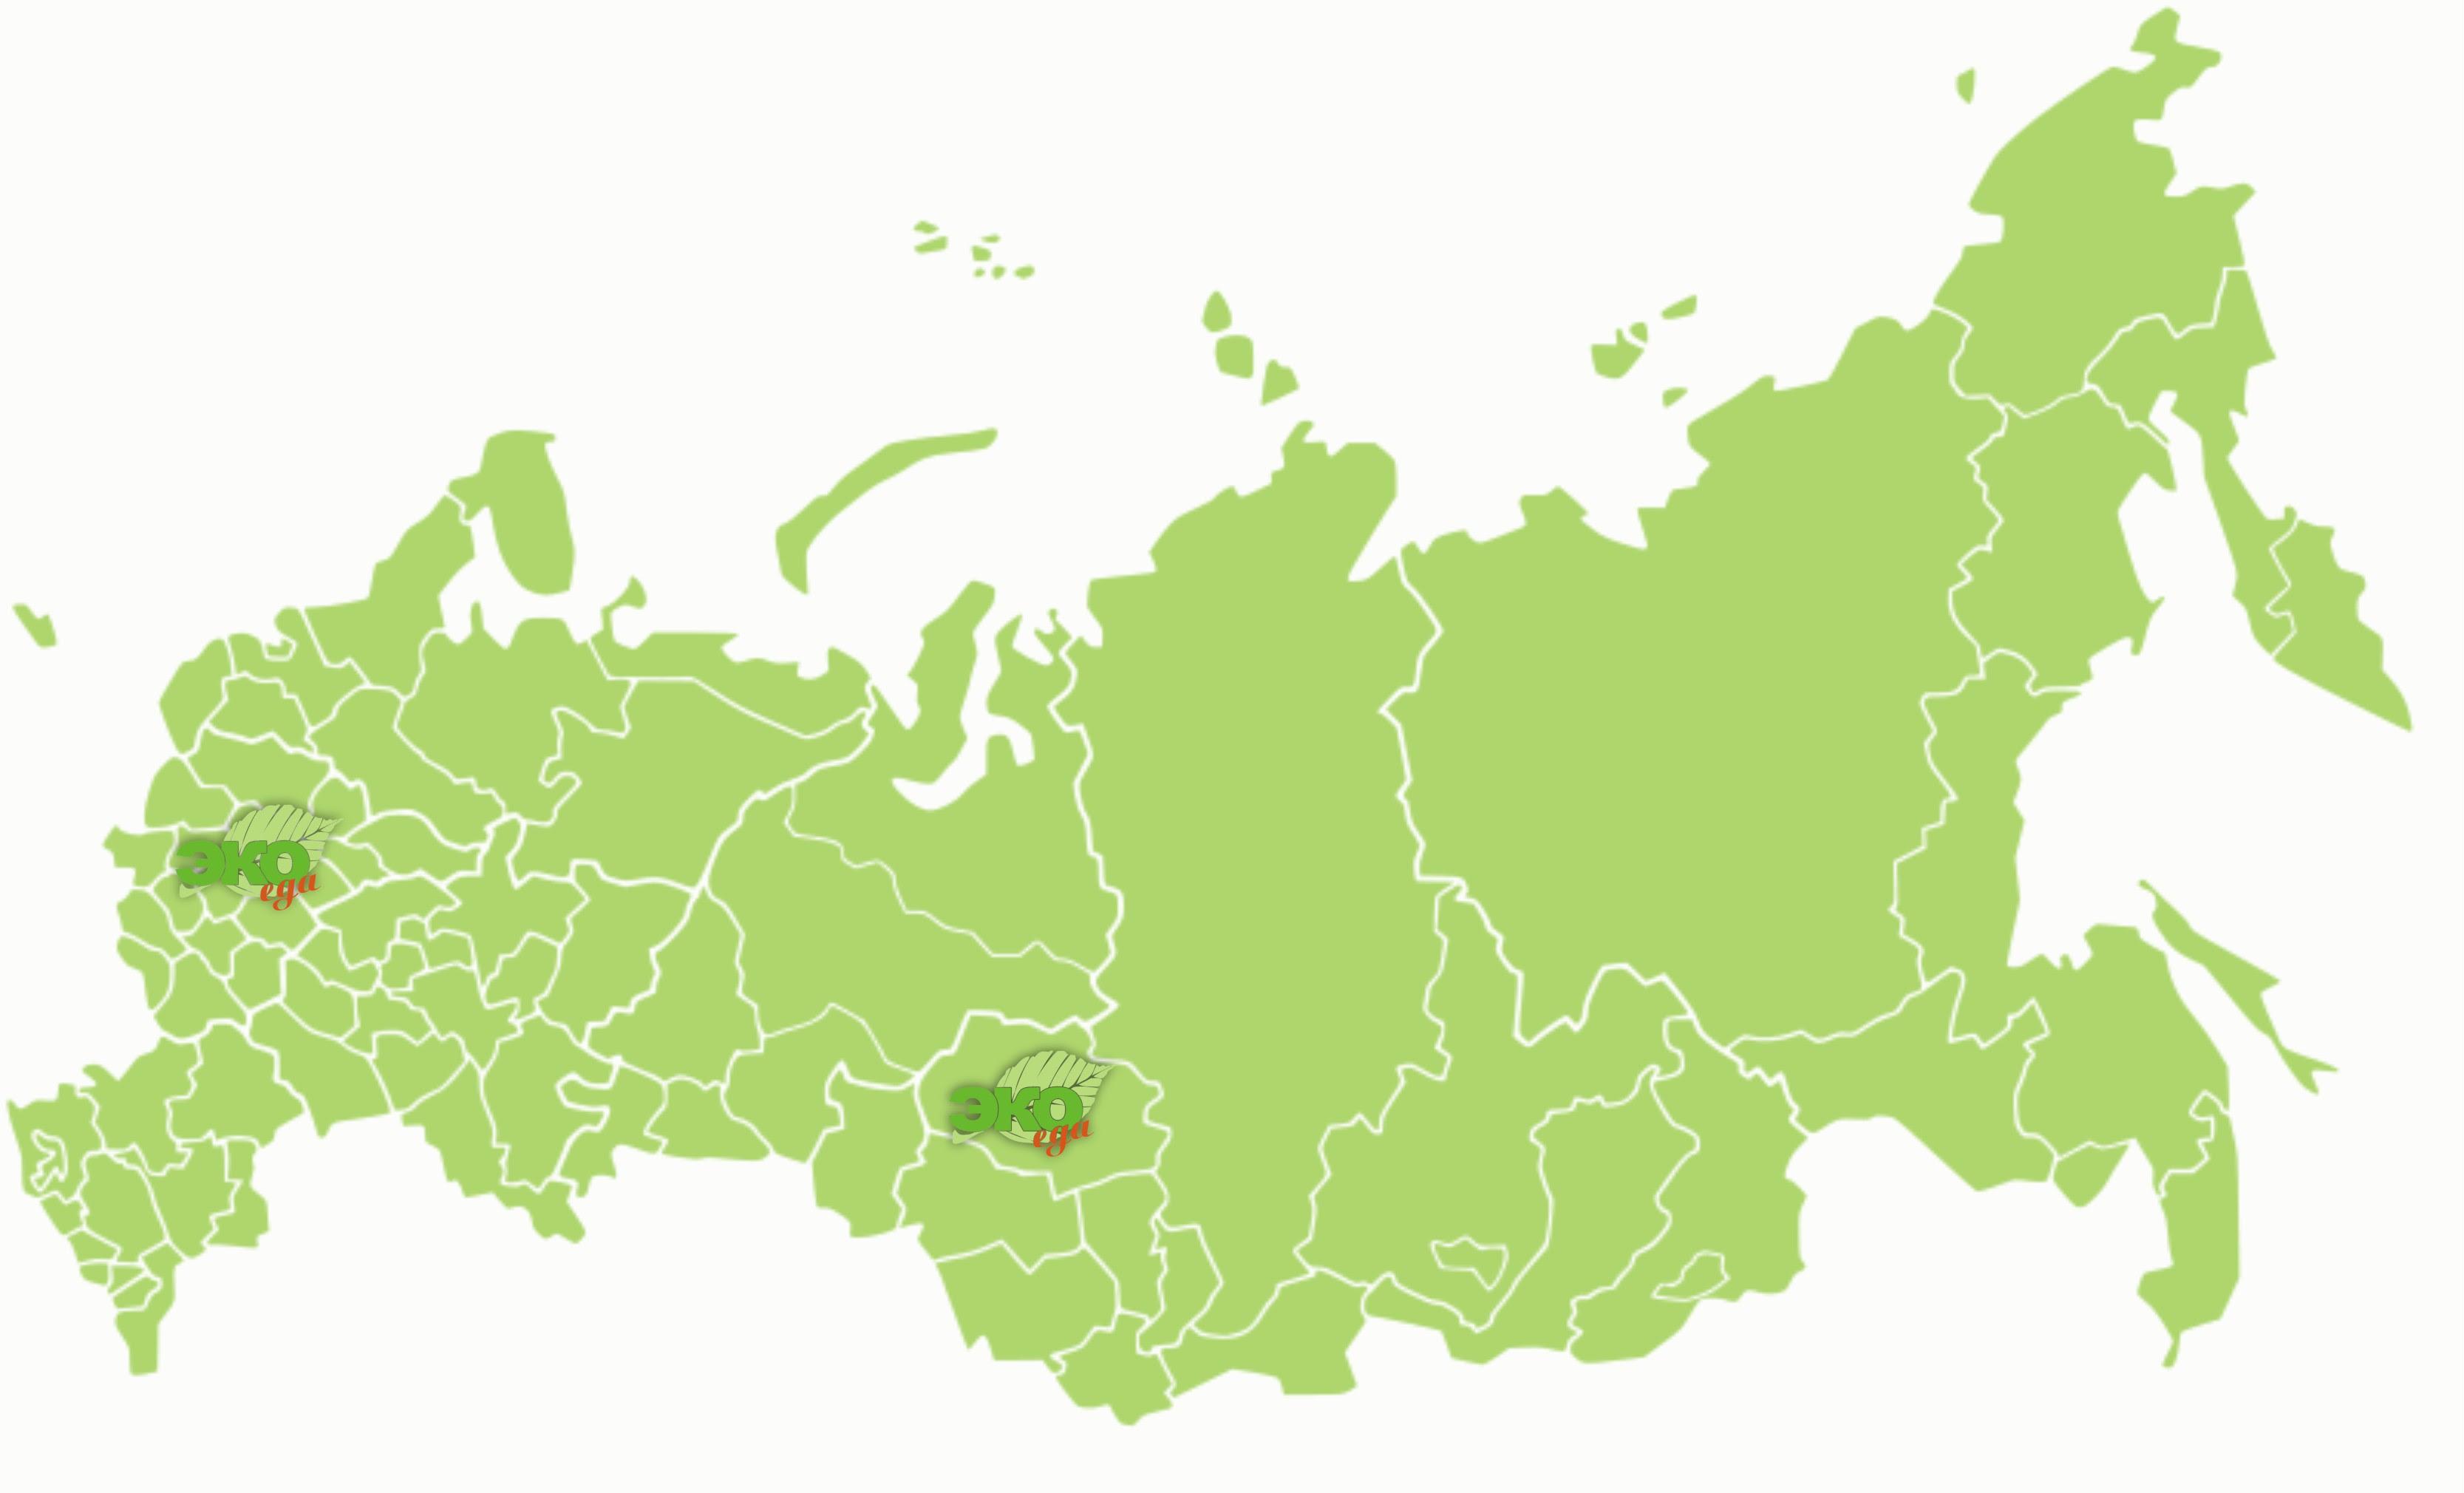 география эко-еда